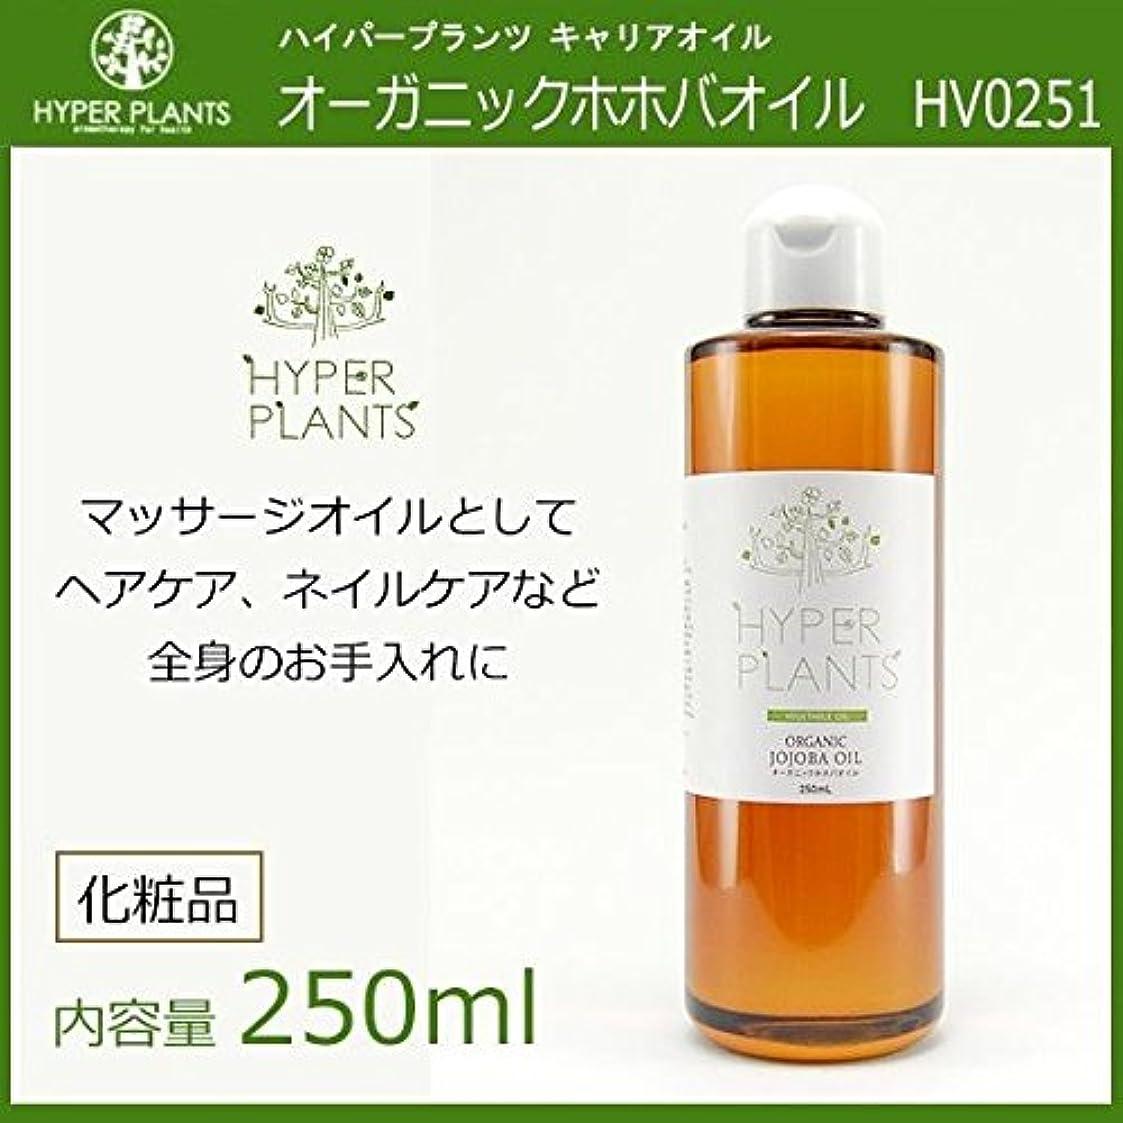 降臨独特の研磨剤HYPER PLANTS ハイパープランツ キャリアオイル オーガニックホホバオイル 250ml HV0251